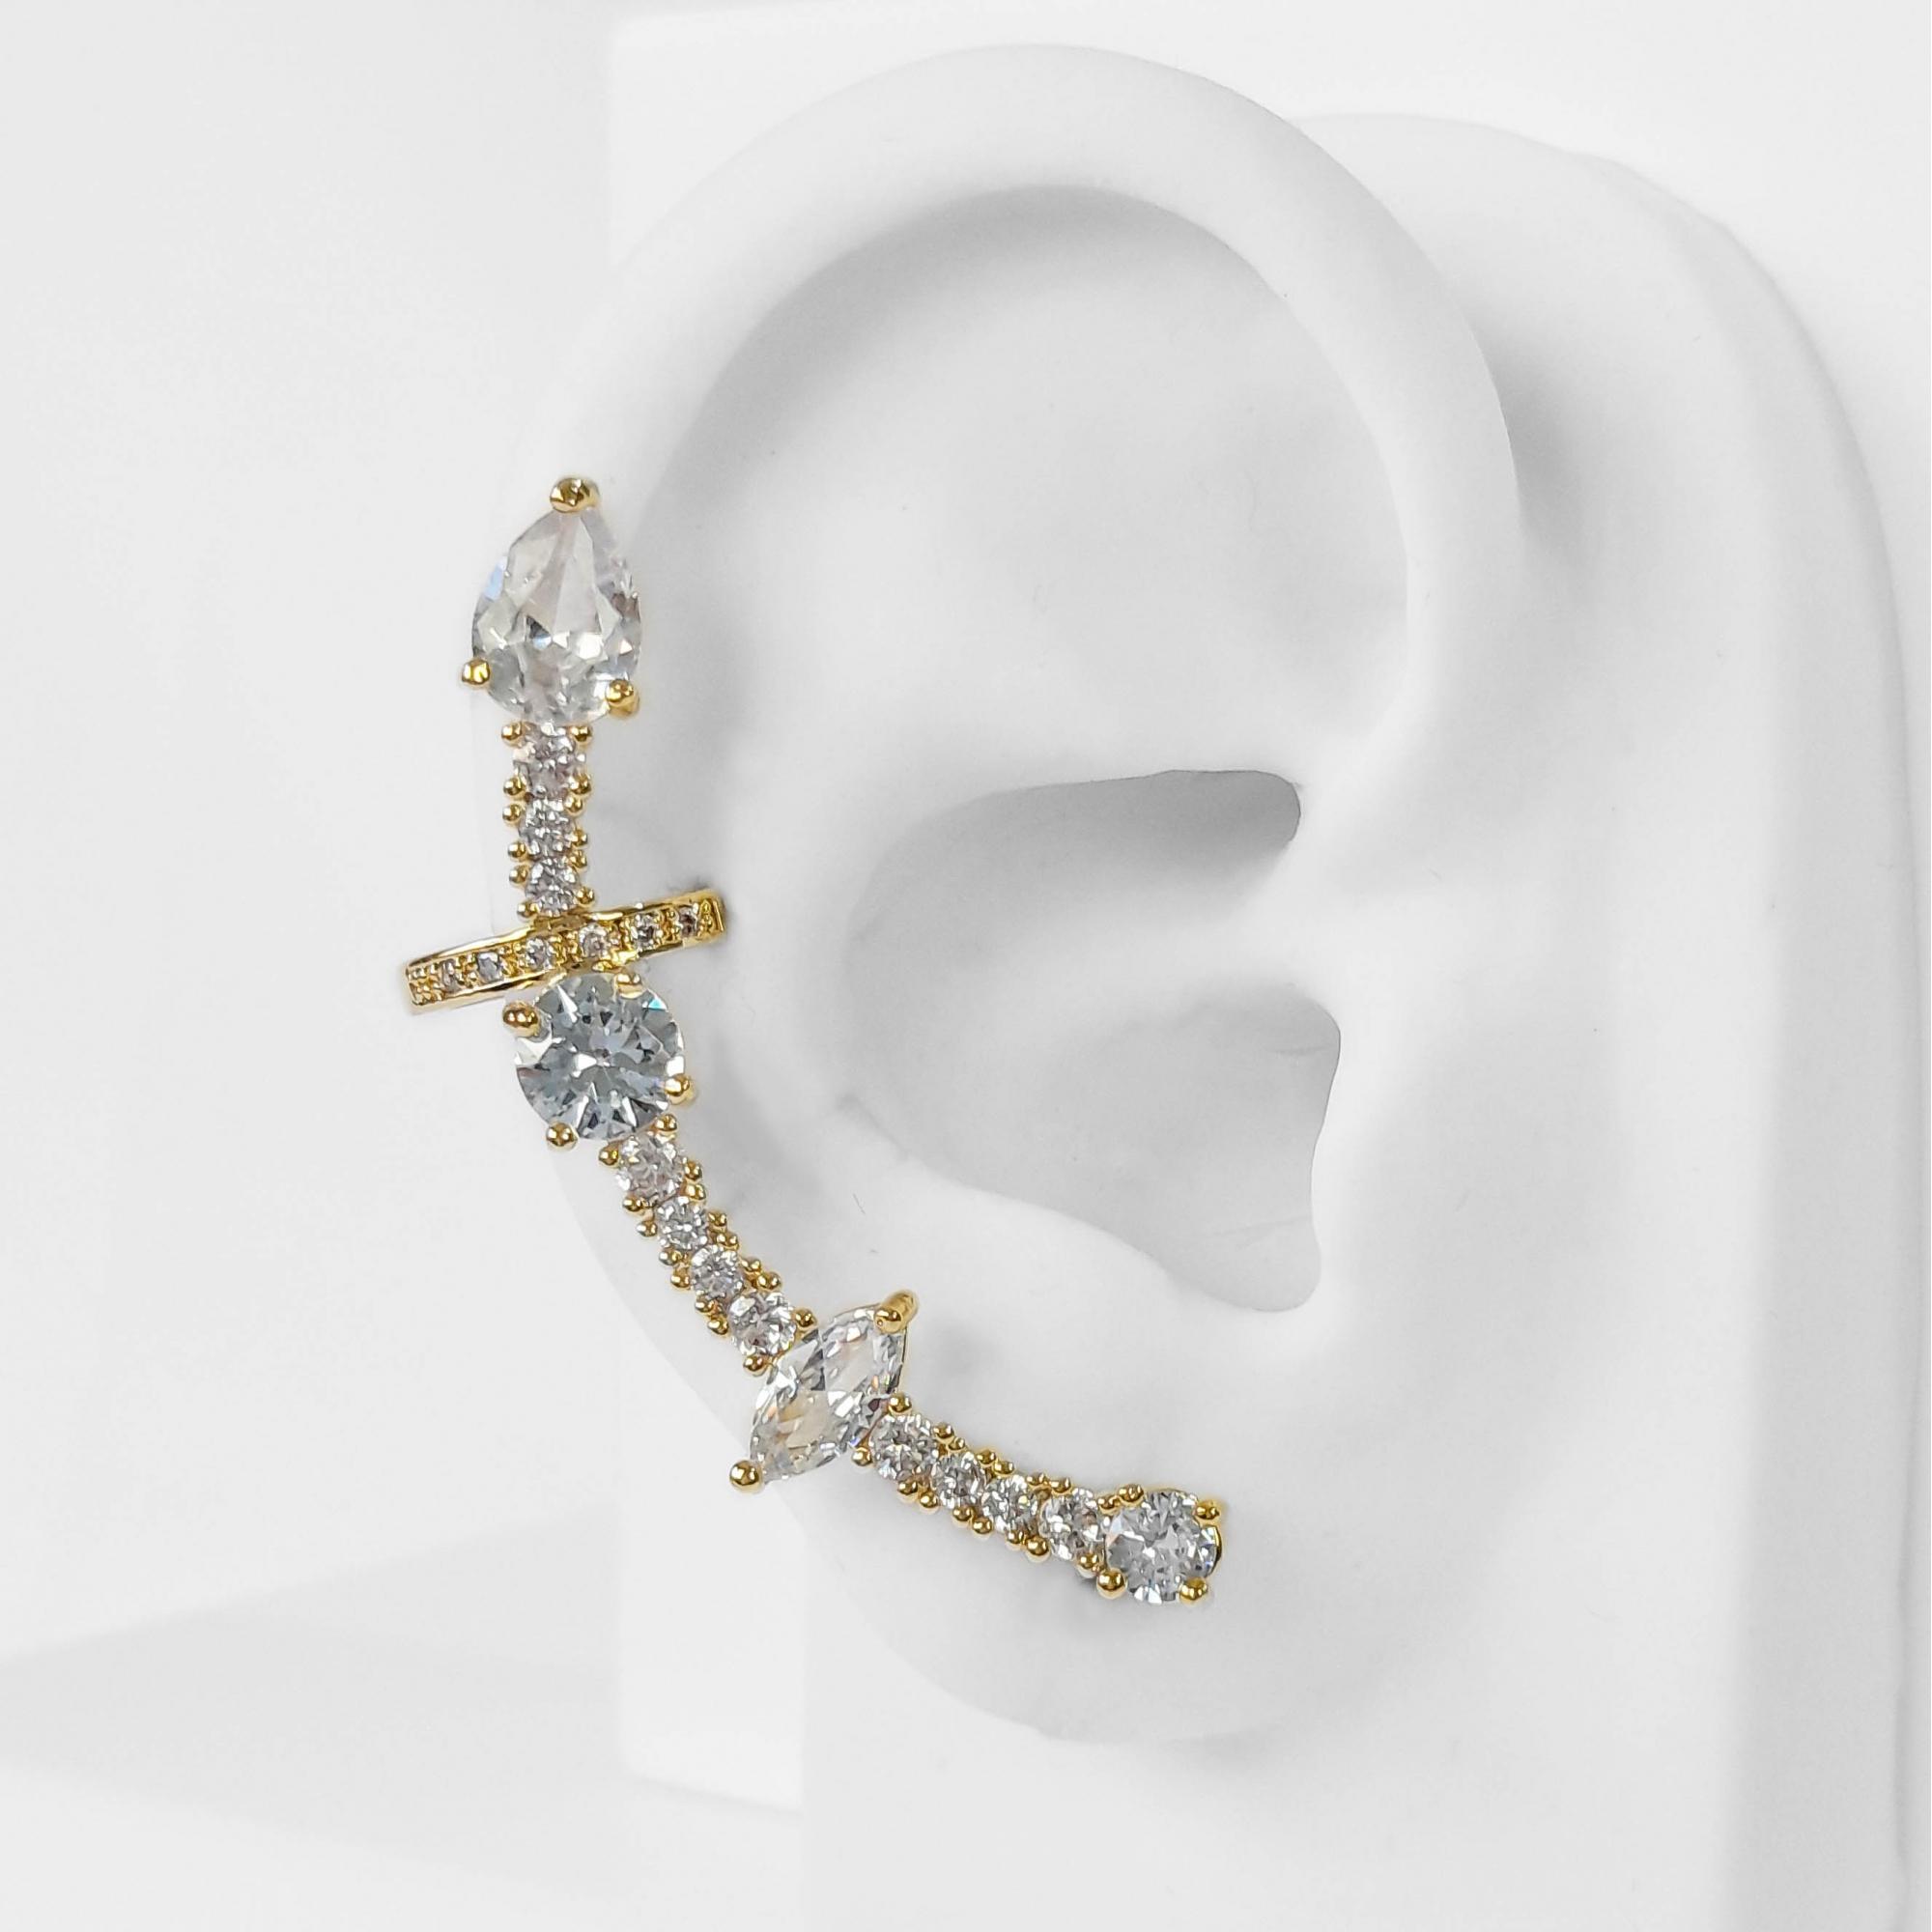 Brinco Ear Cuff Cravejado com Zircônias Folheado Ouro 18K  - Lunozê Joias